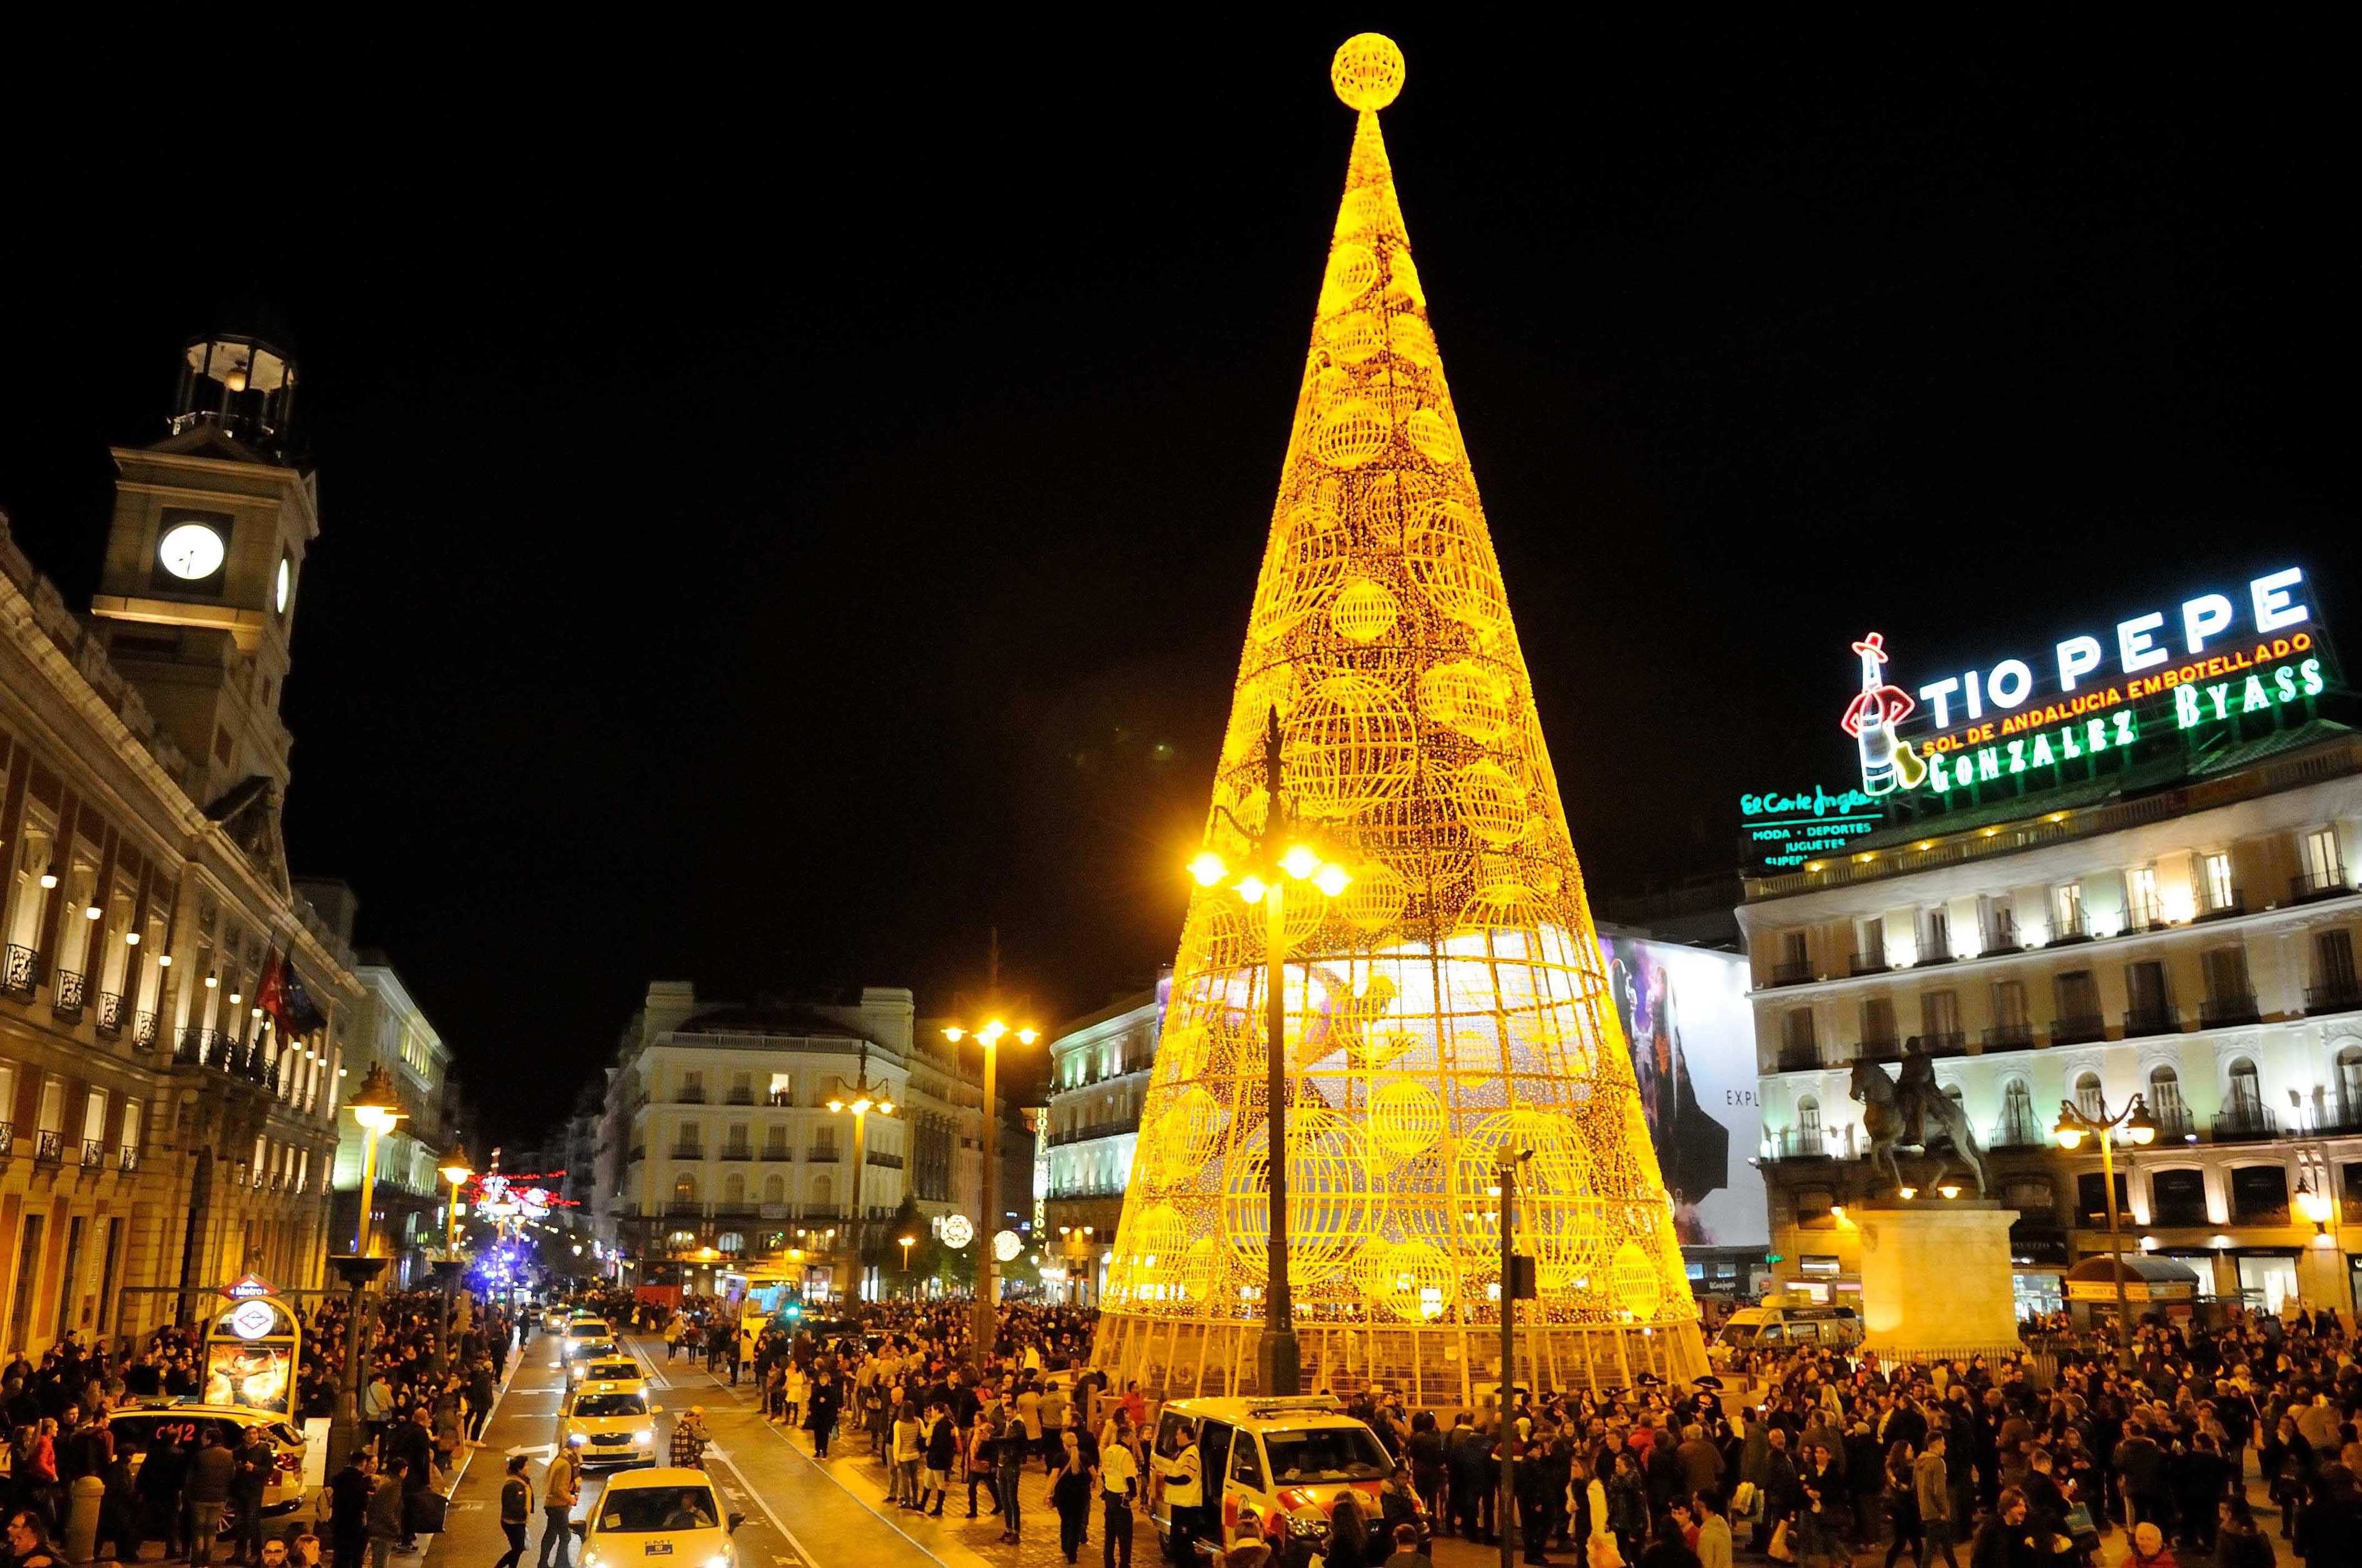 Madrid cierra la gran v a al tr fico por navidad y for Gran via puerta del sol madrid